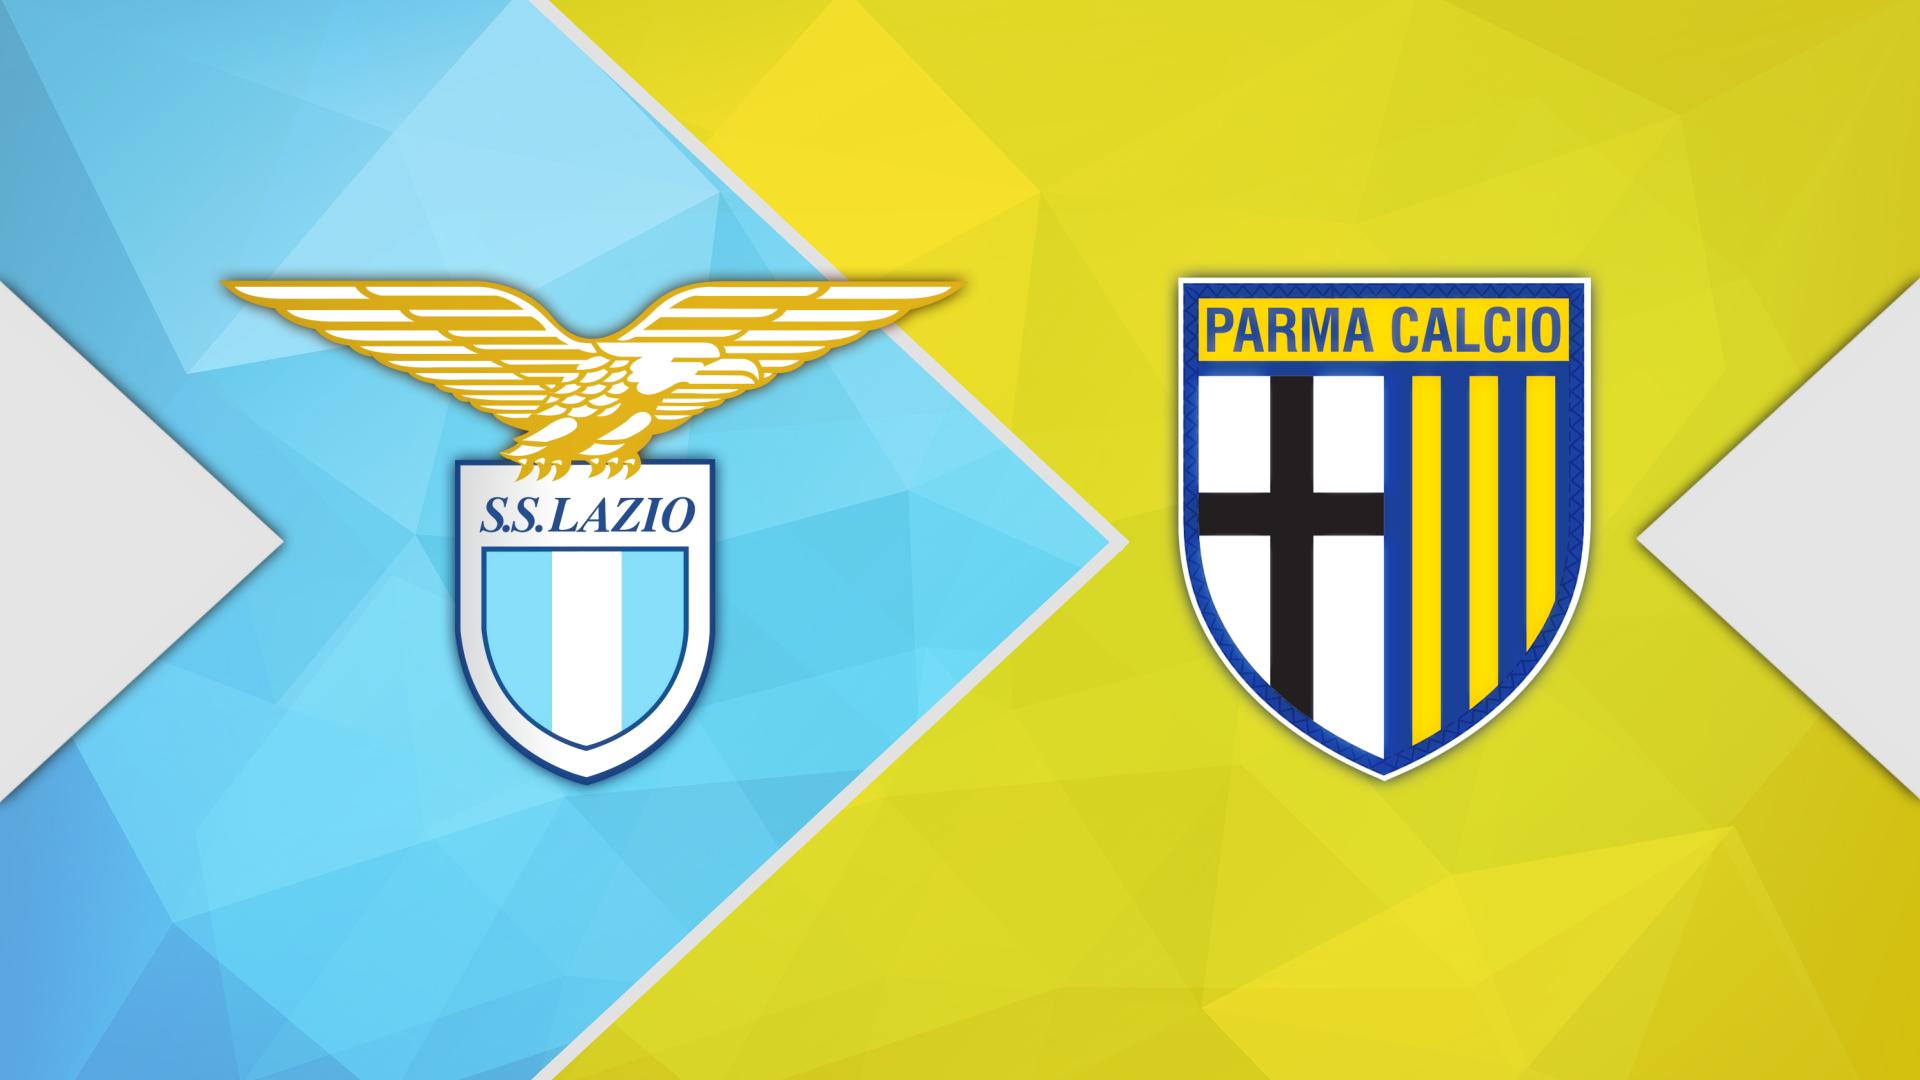 Lazio vs Parma: Match Preview, Lineups, Prediction | The Laziali